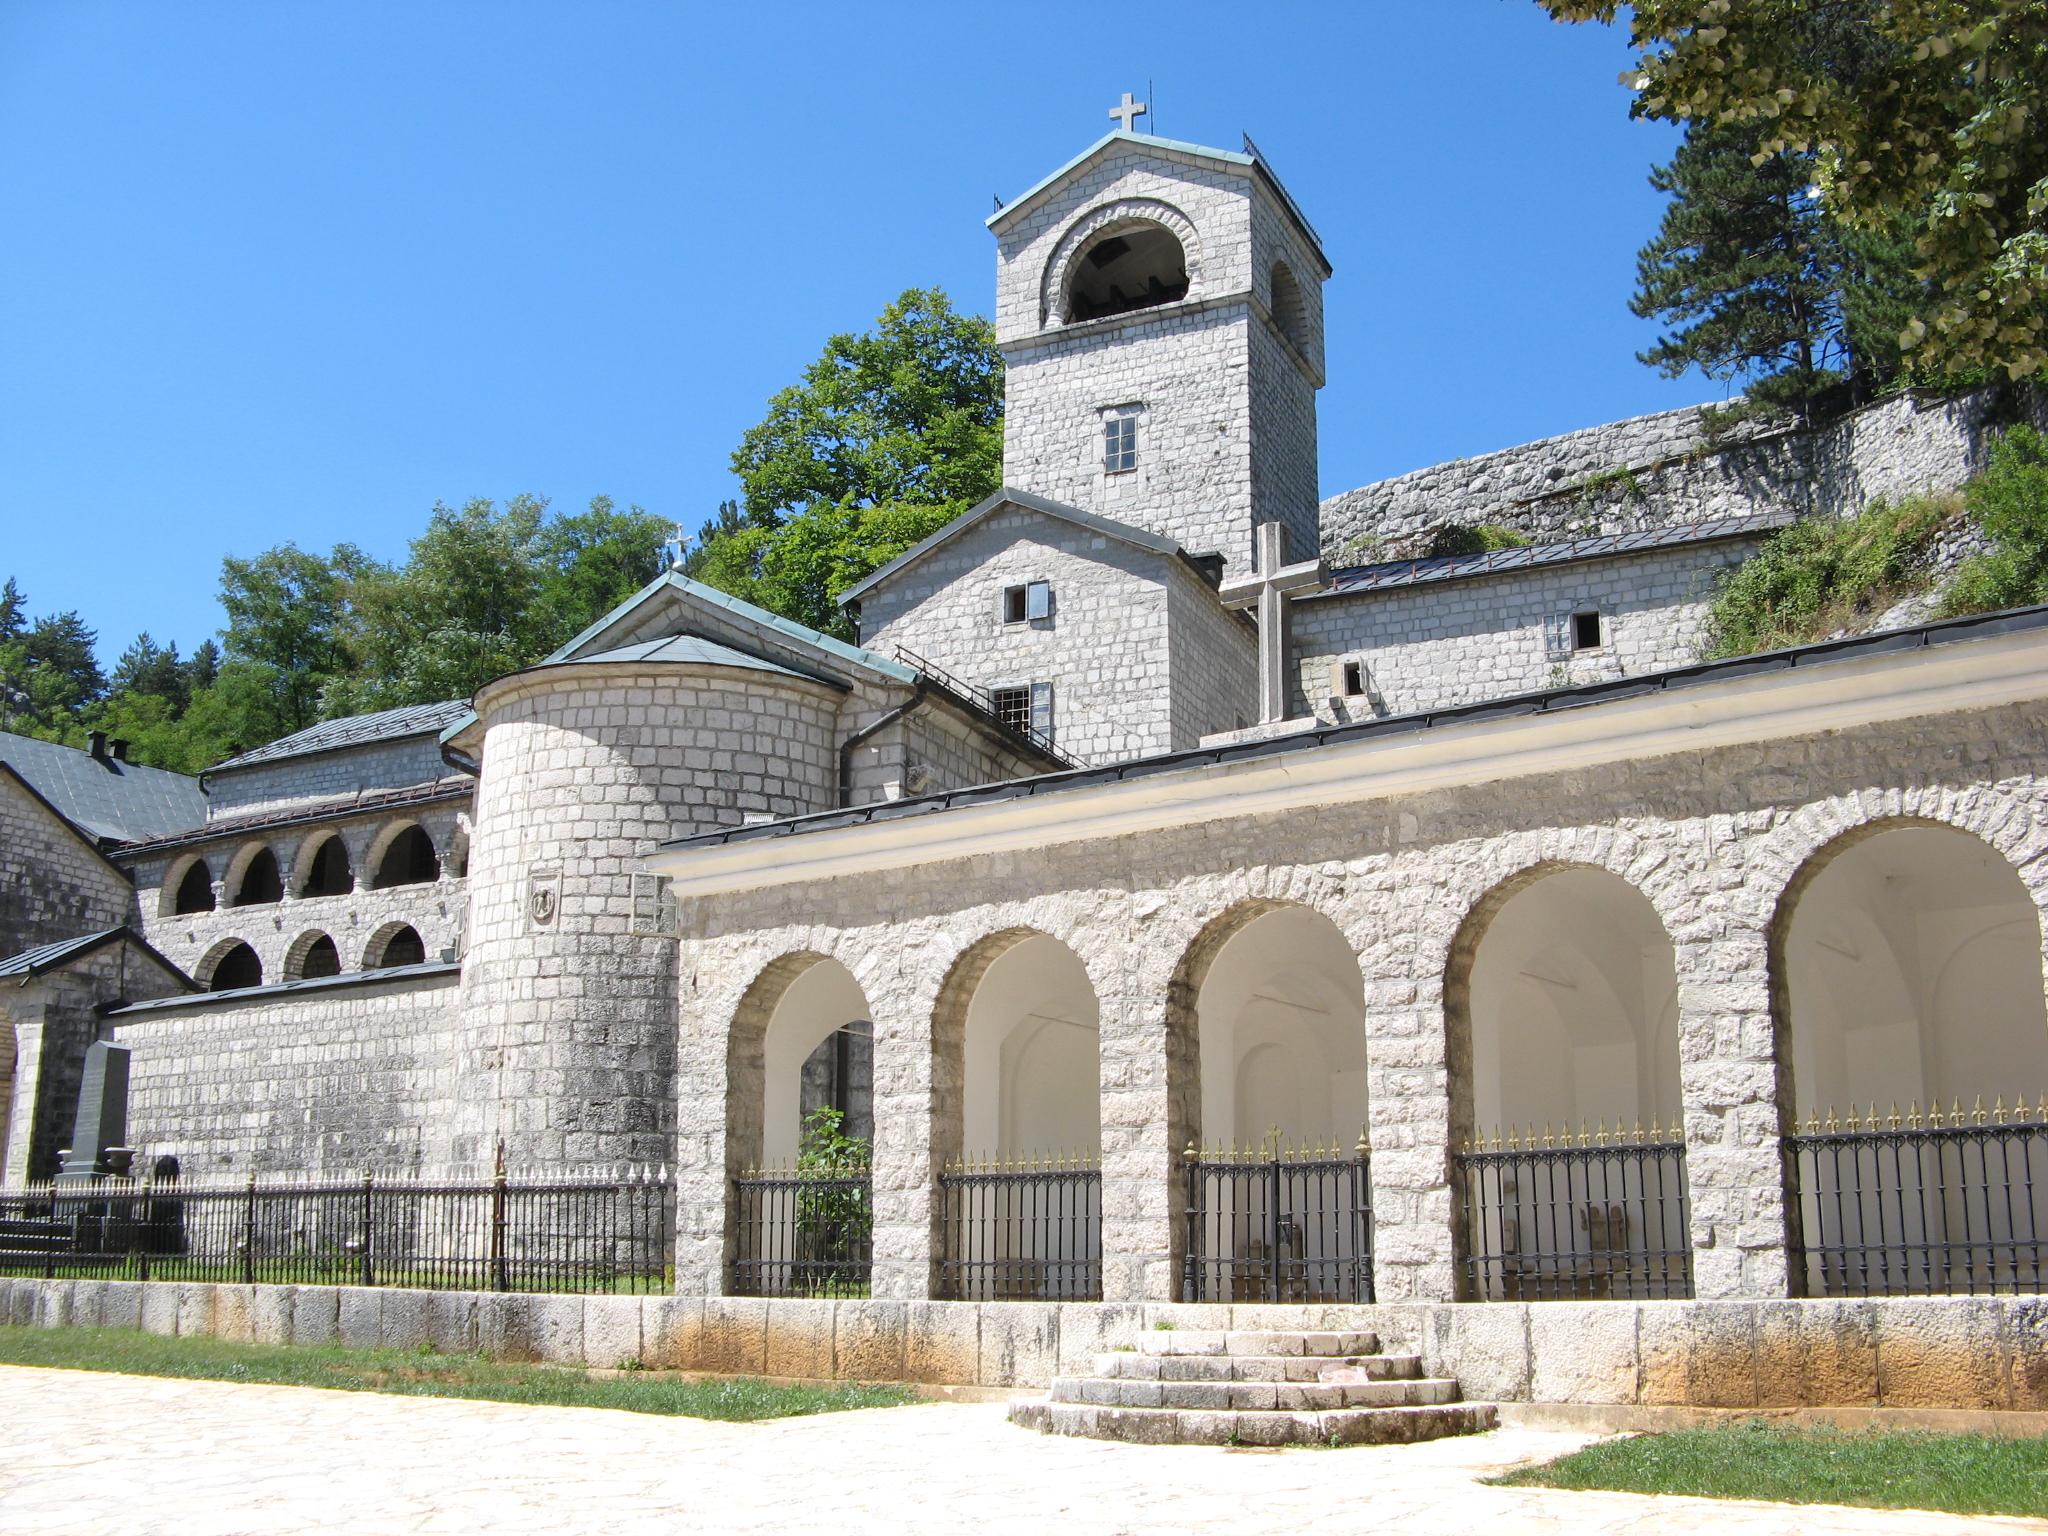 Monastero di Cettigne - Wikipedia